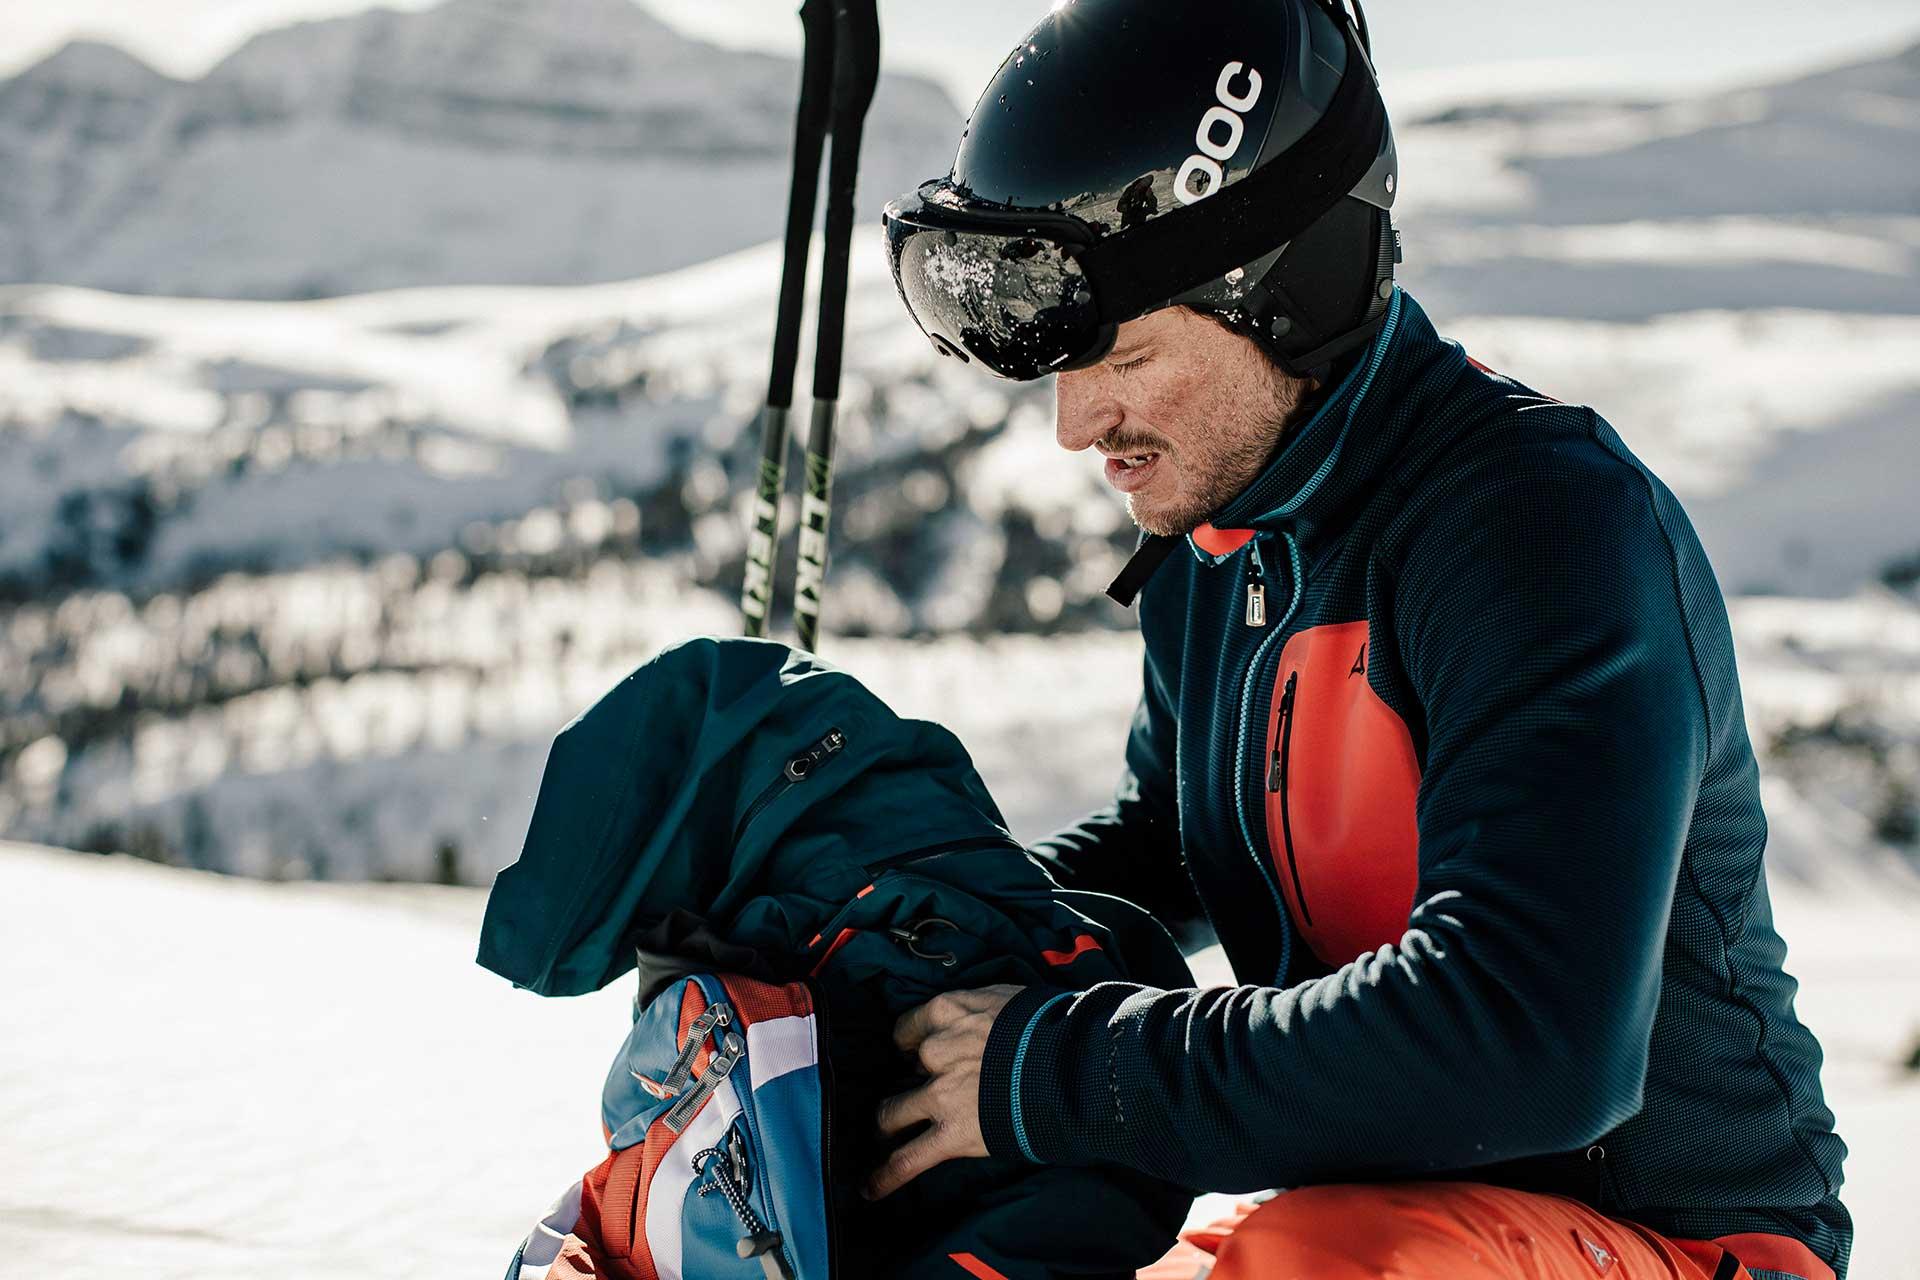 Sportbekleidung Schöffel Fotografie Sport Winter Ski Wien Österreich Michael Müller